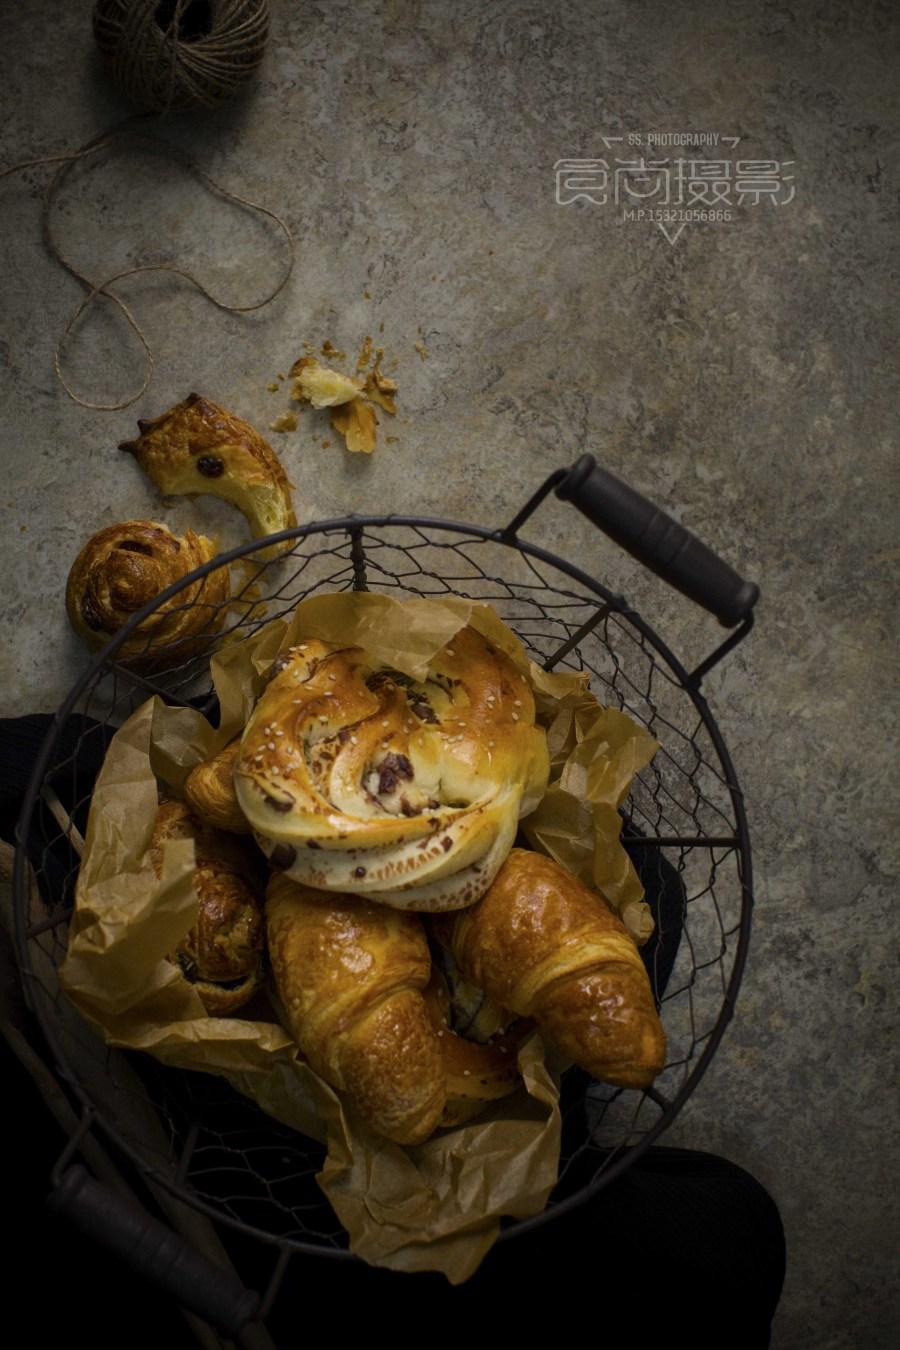 一些天下静物摄影作品。 商业 摄影 食尚摄影-美食炒柚子皮美食图片